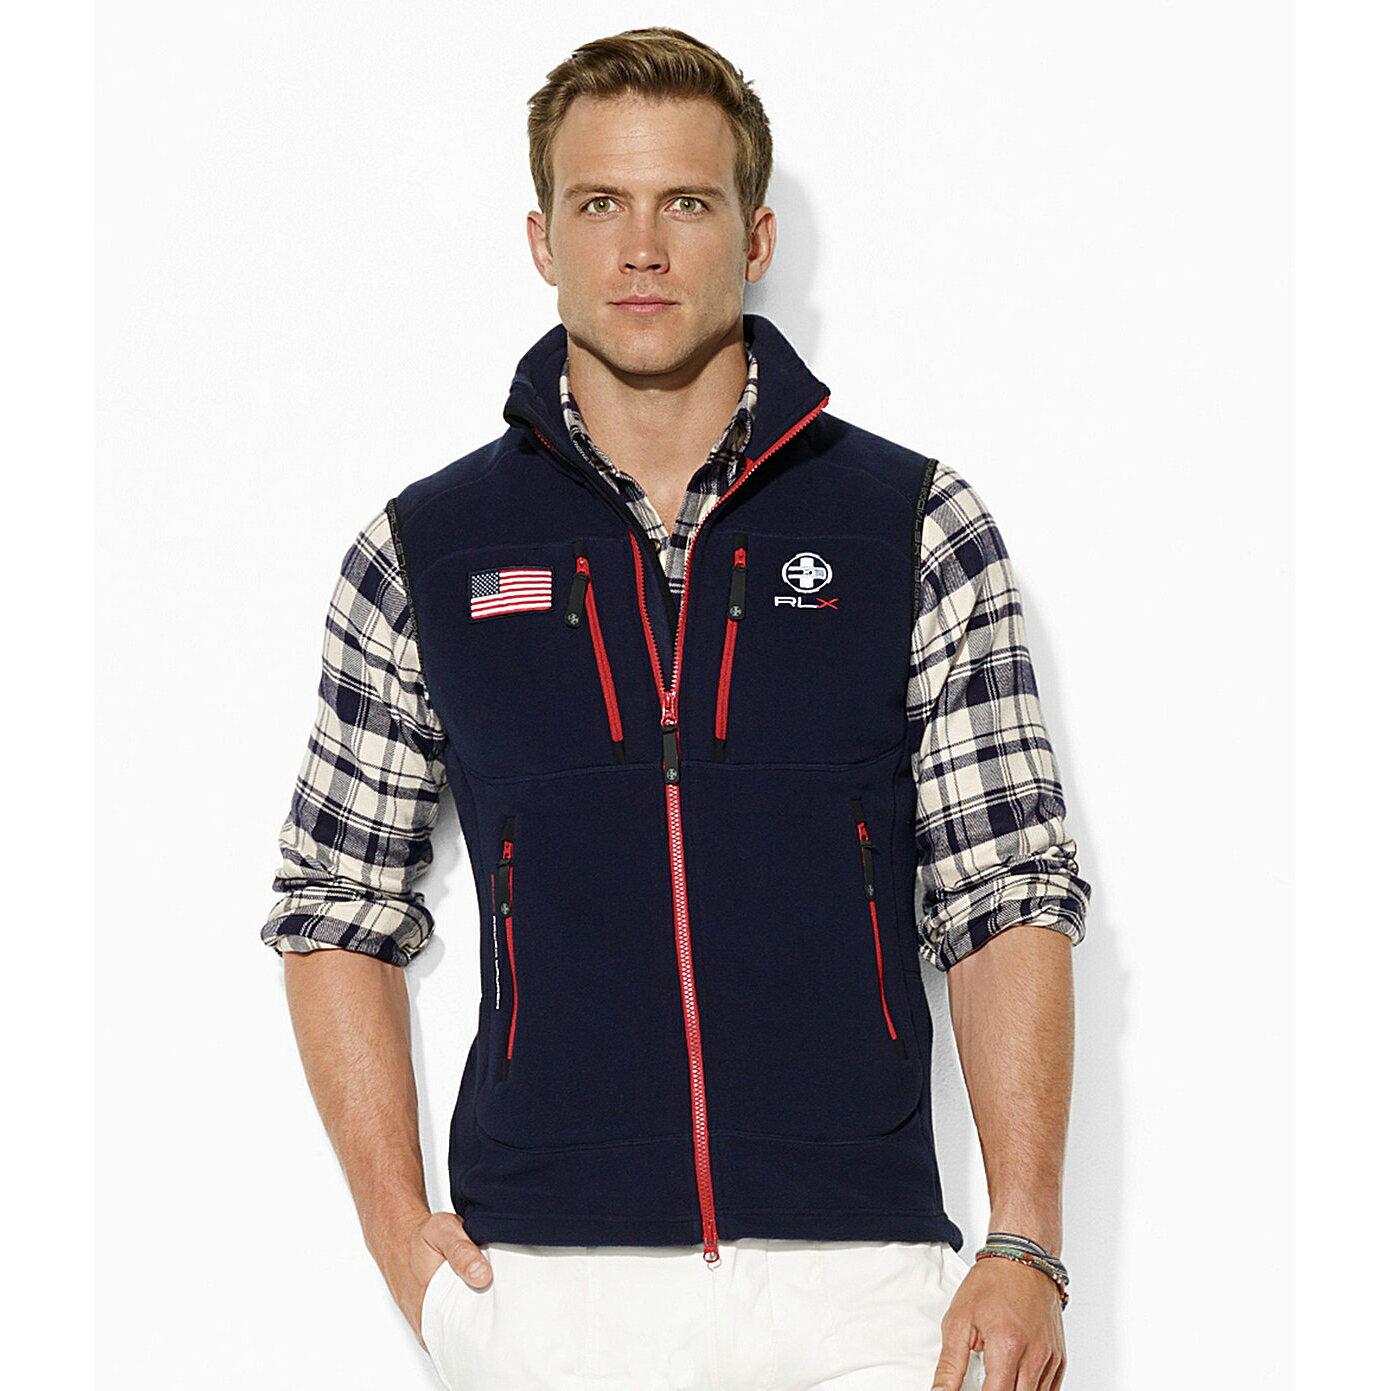 美國百分百【全新真品】Ralph Lauren 背心 RLX 上衣 刷毛 Polo 國旗 運動 男 深藍 M號 E475